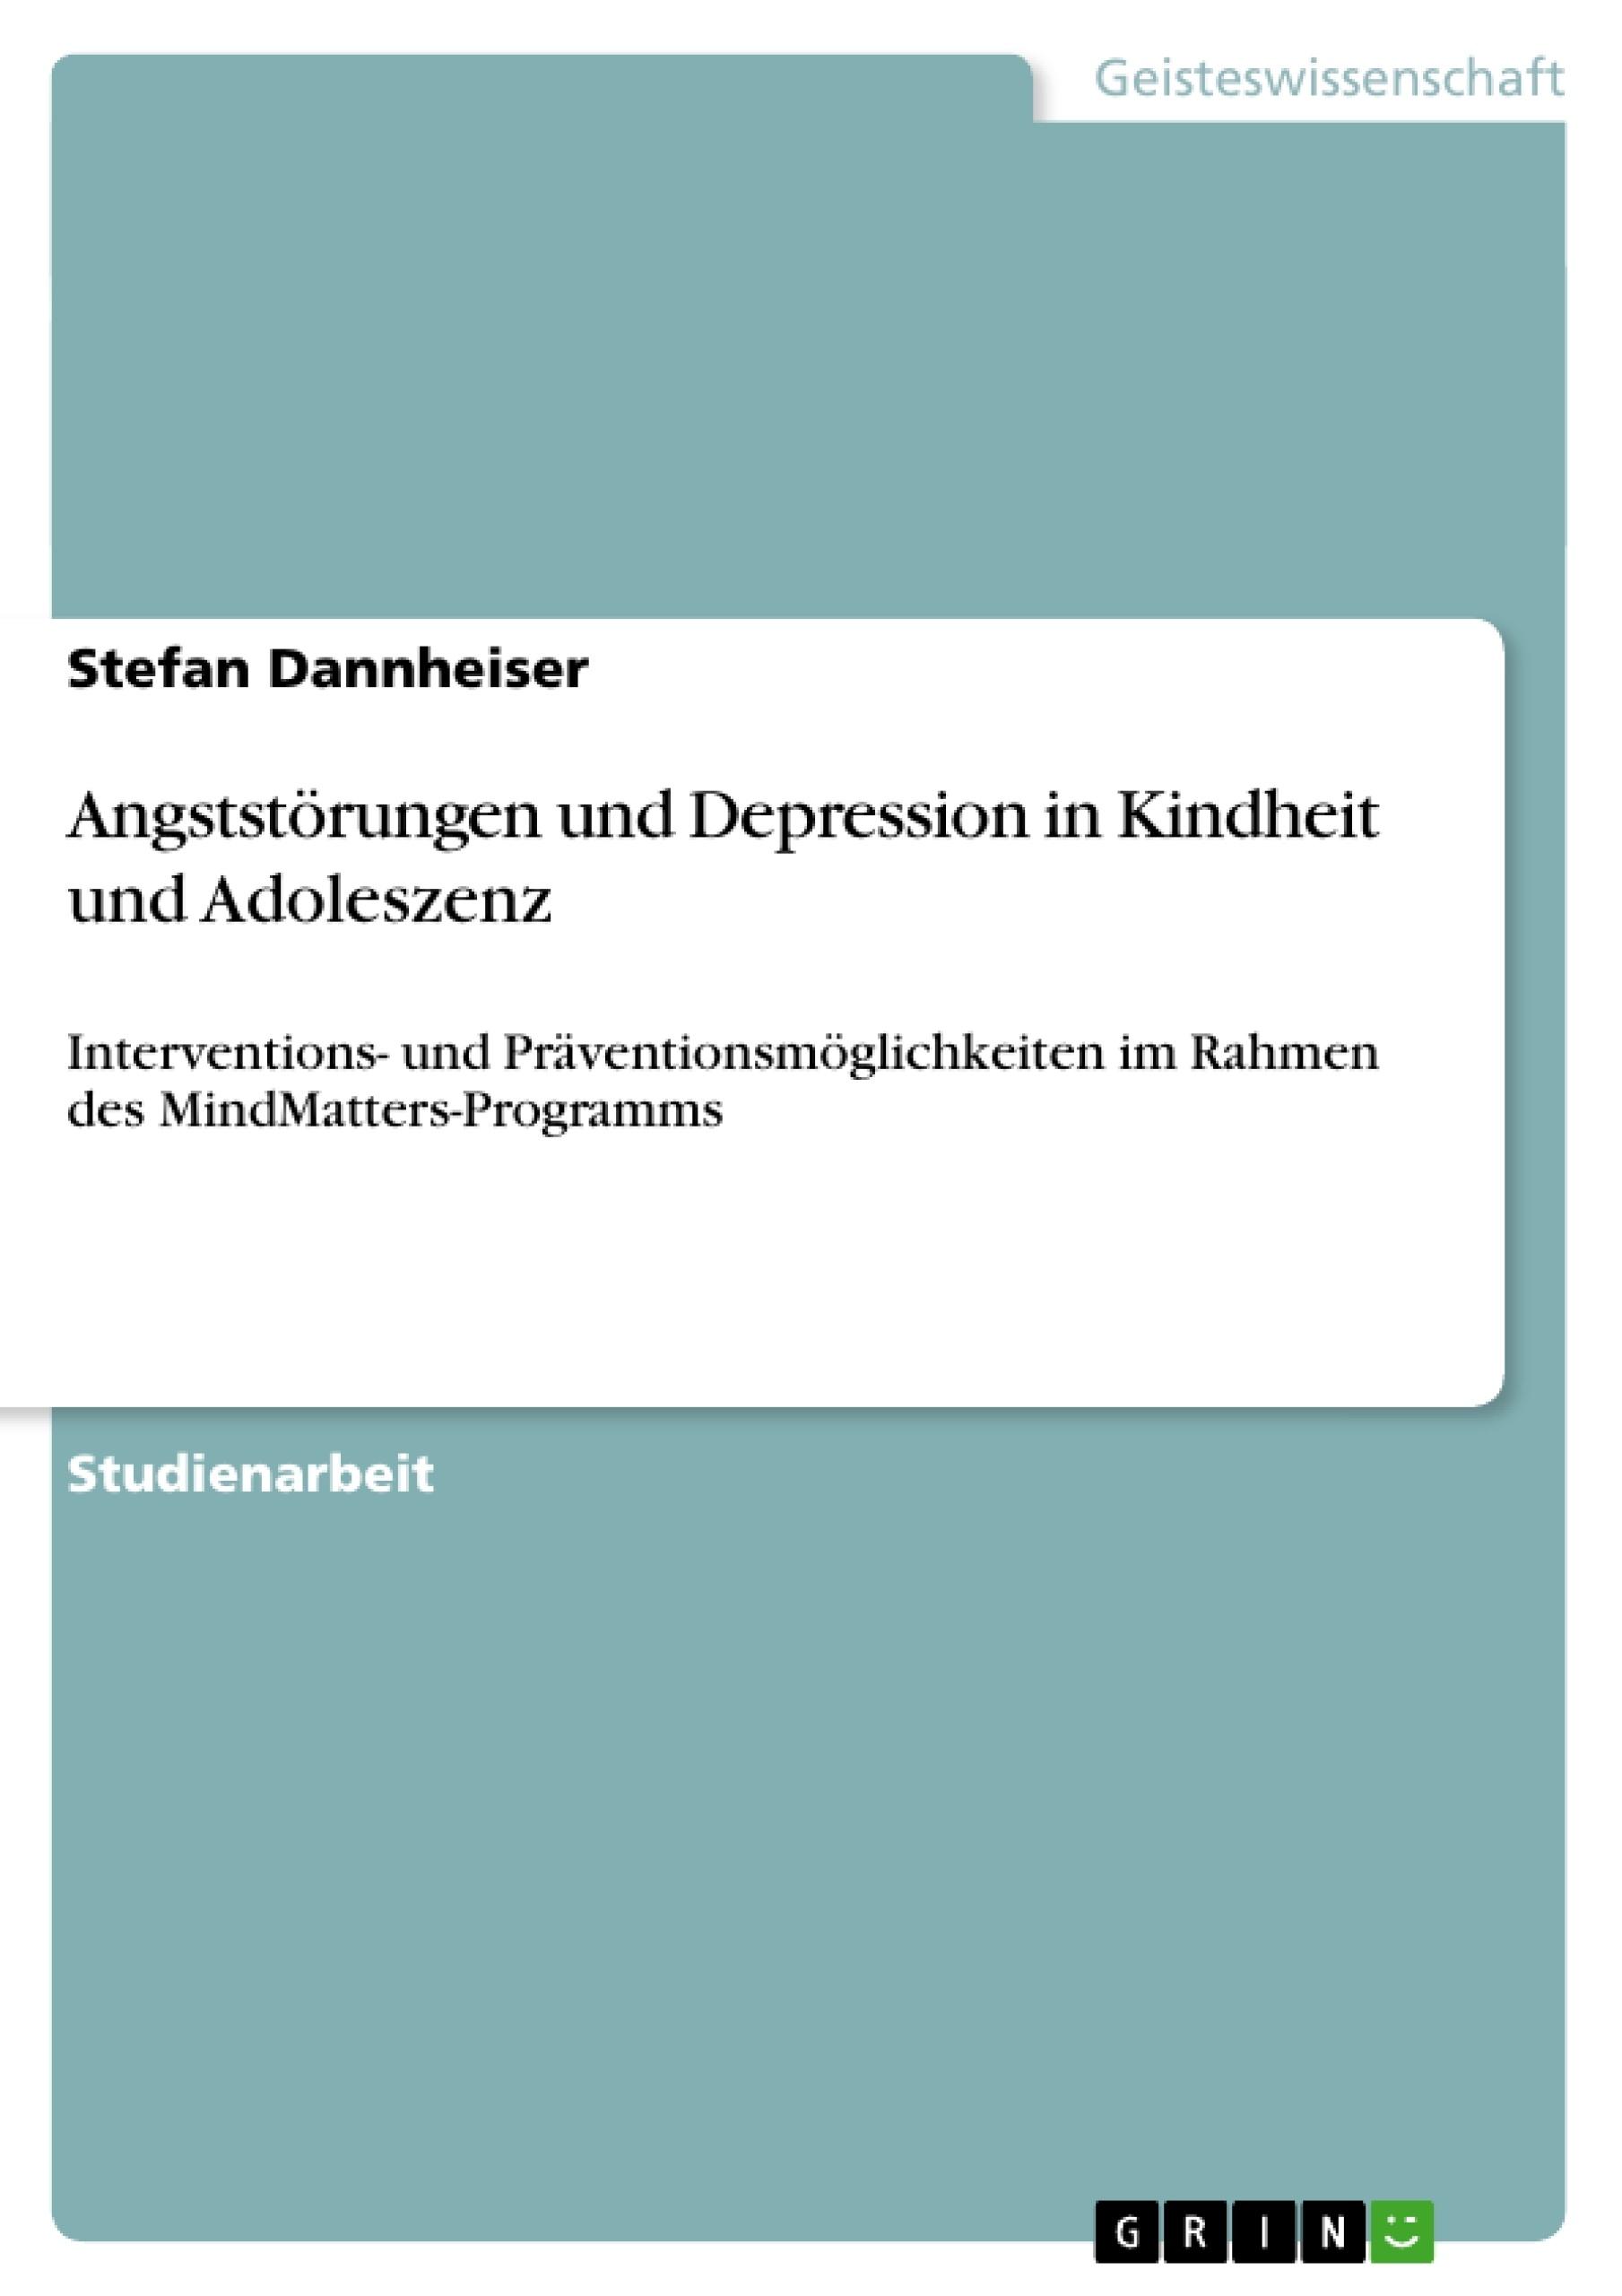 Titel: Angststörungen und Depression in Kindheit und Adoleszenz